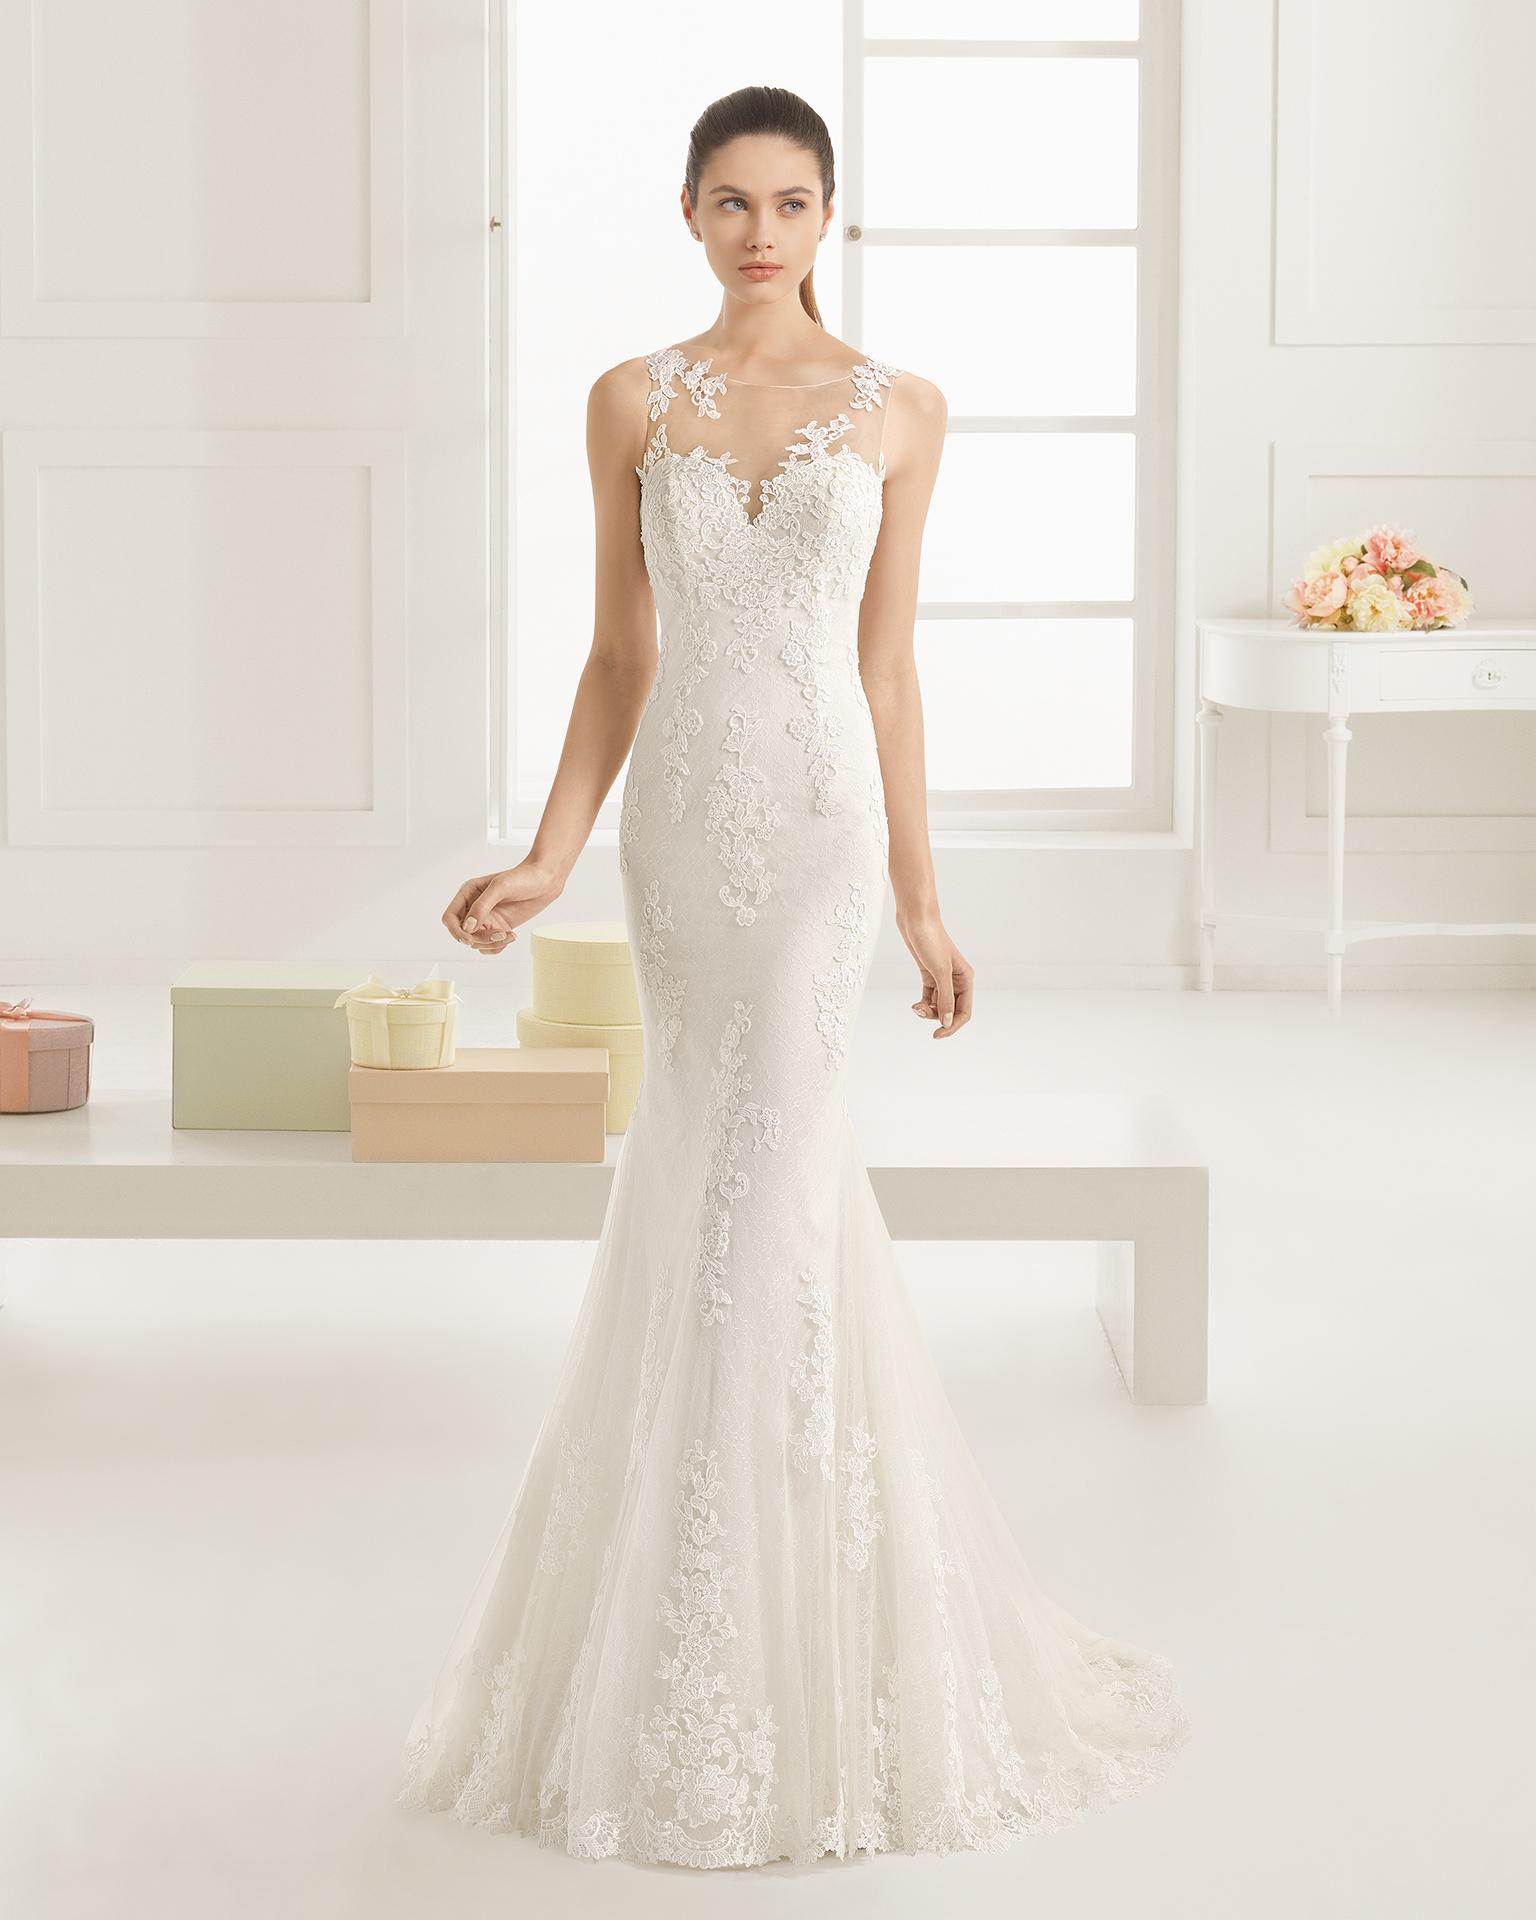 Exultante (40, гипюр, natural) Свадебное платье Rosa Clara в Одессе. Свадебный салон Скоро Свадьба.